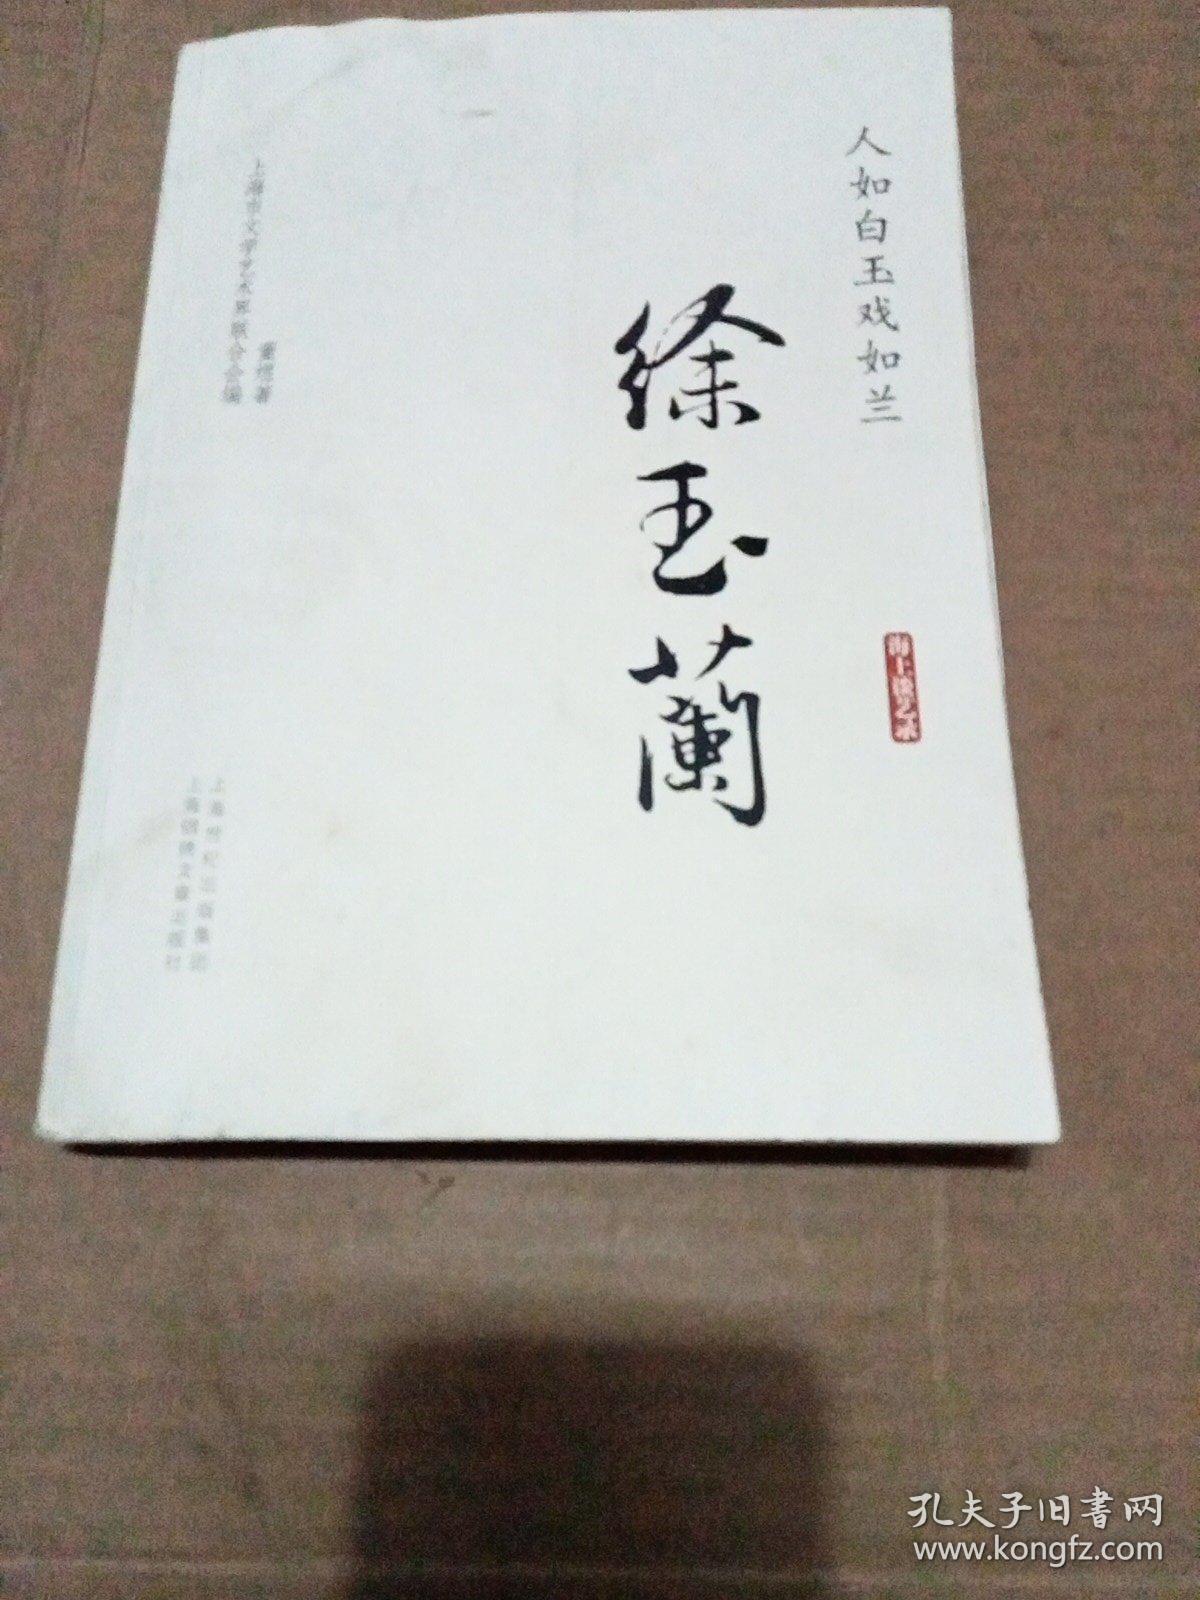 人如白玉戏如兰---徐玉兰(徐玉兰签名本+赠书章)